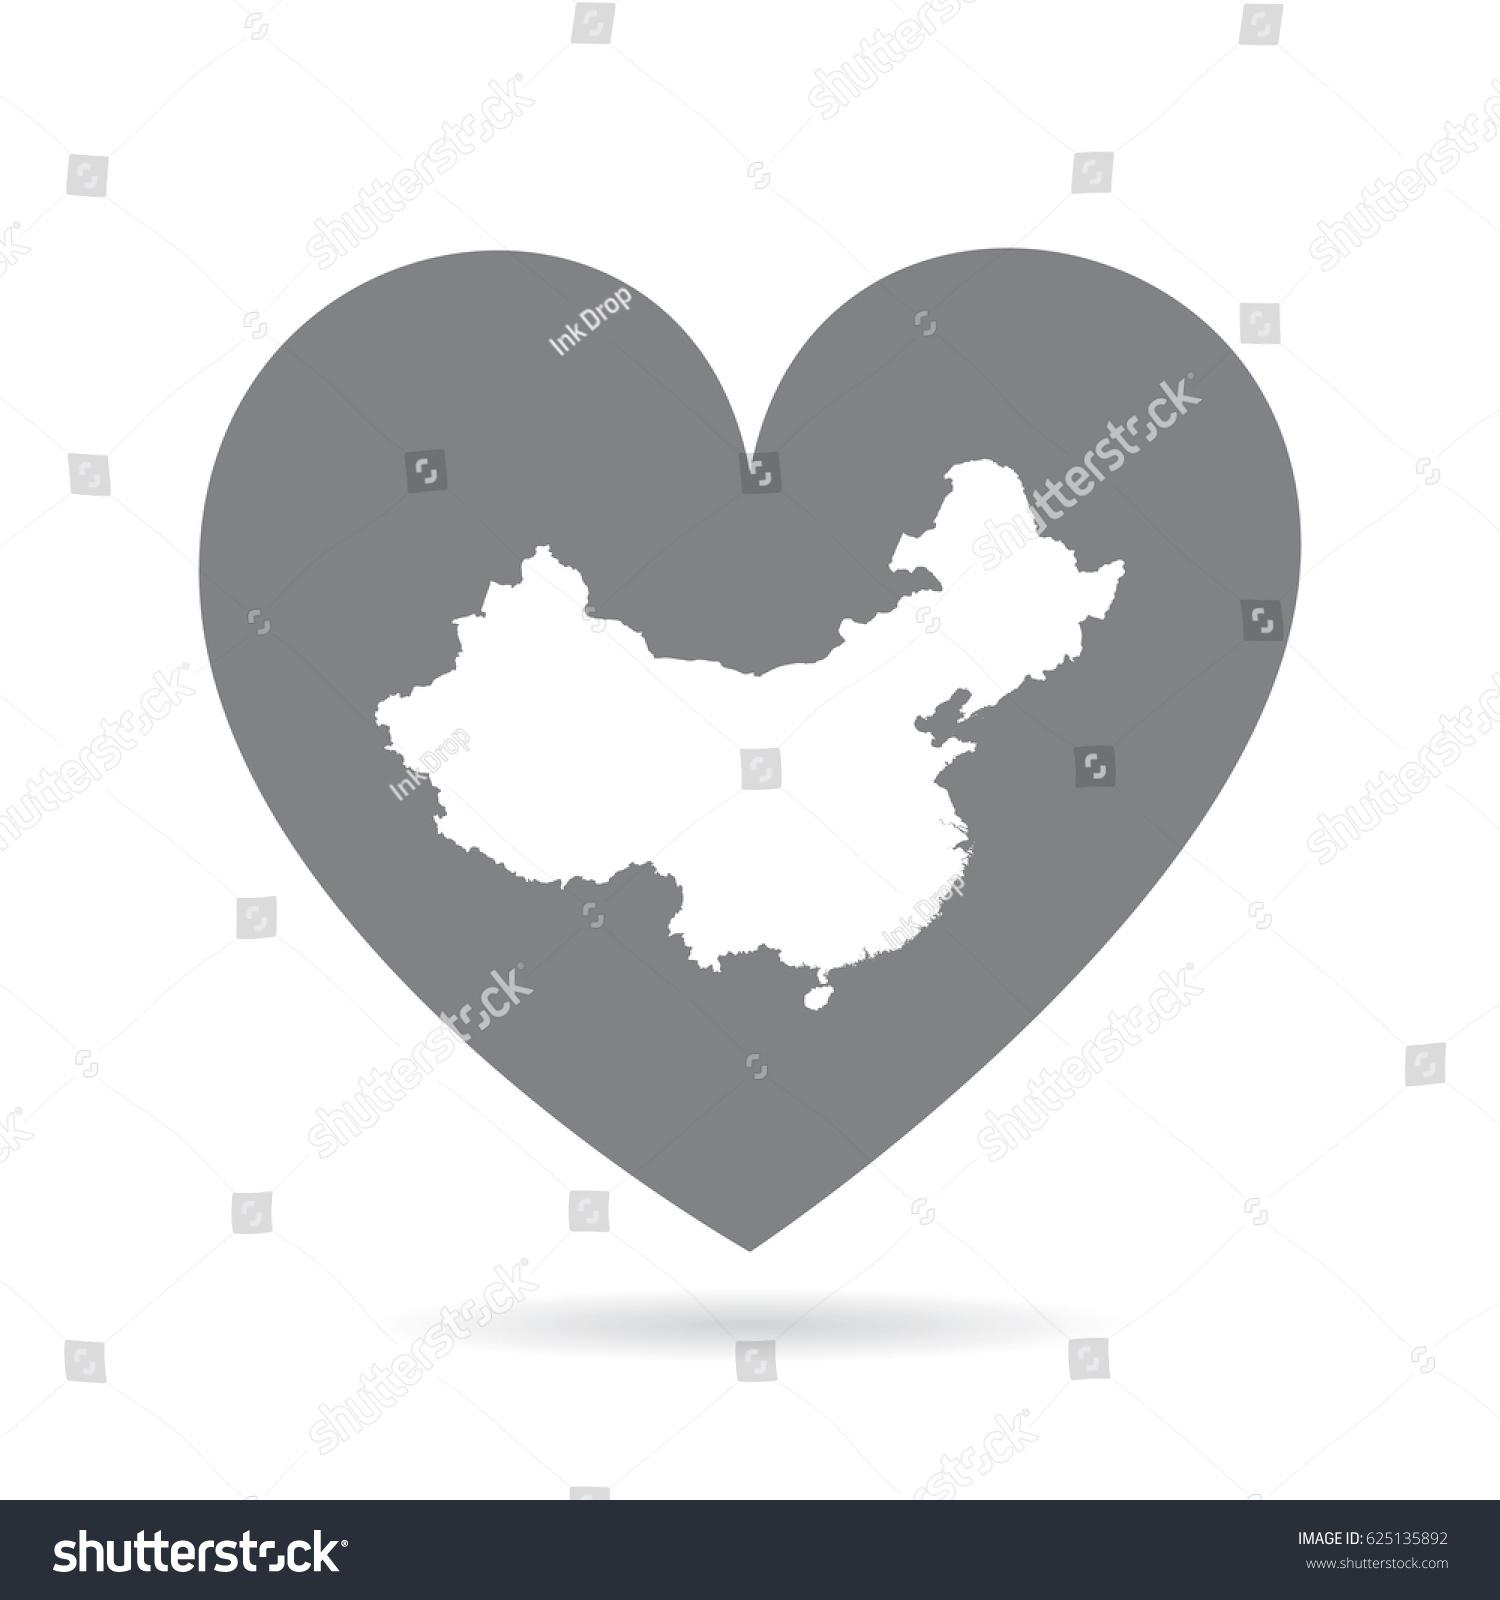 China heart heart shape icon white stock vector 625135892 china heart heart shape icon with white map buycottarizona